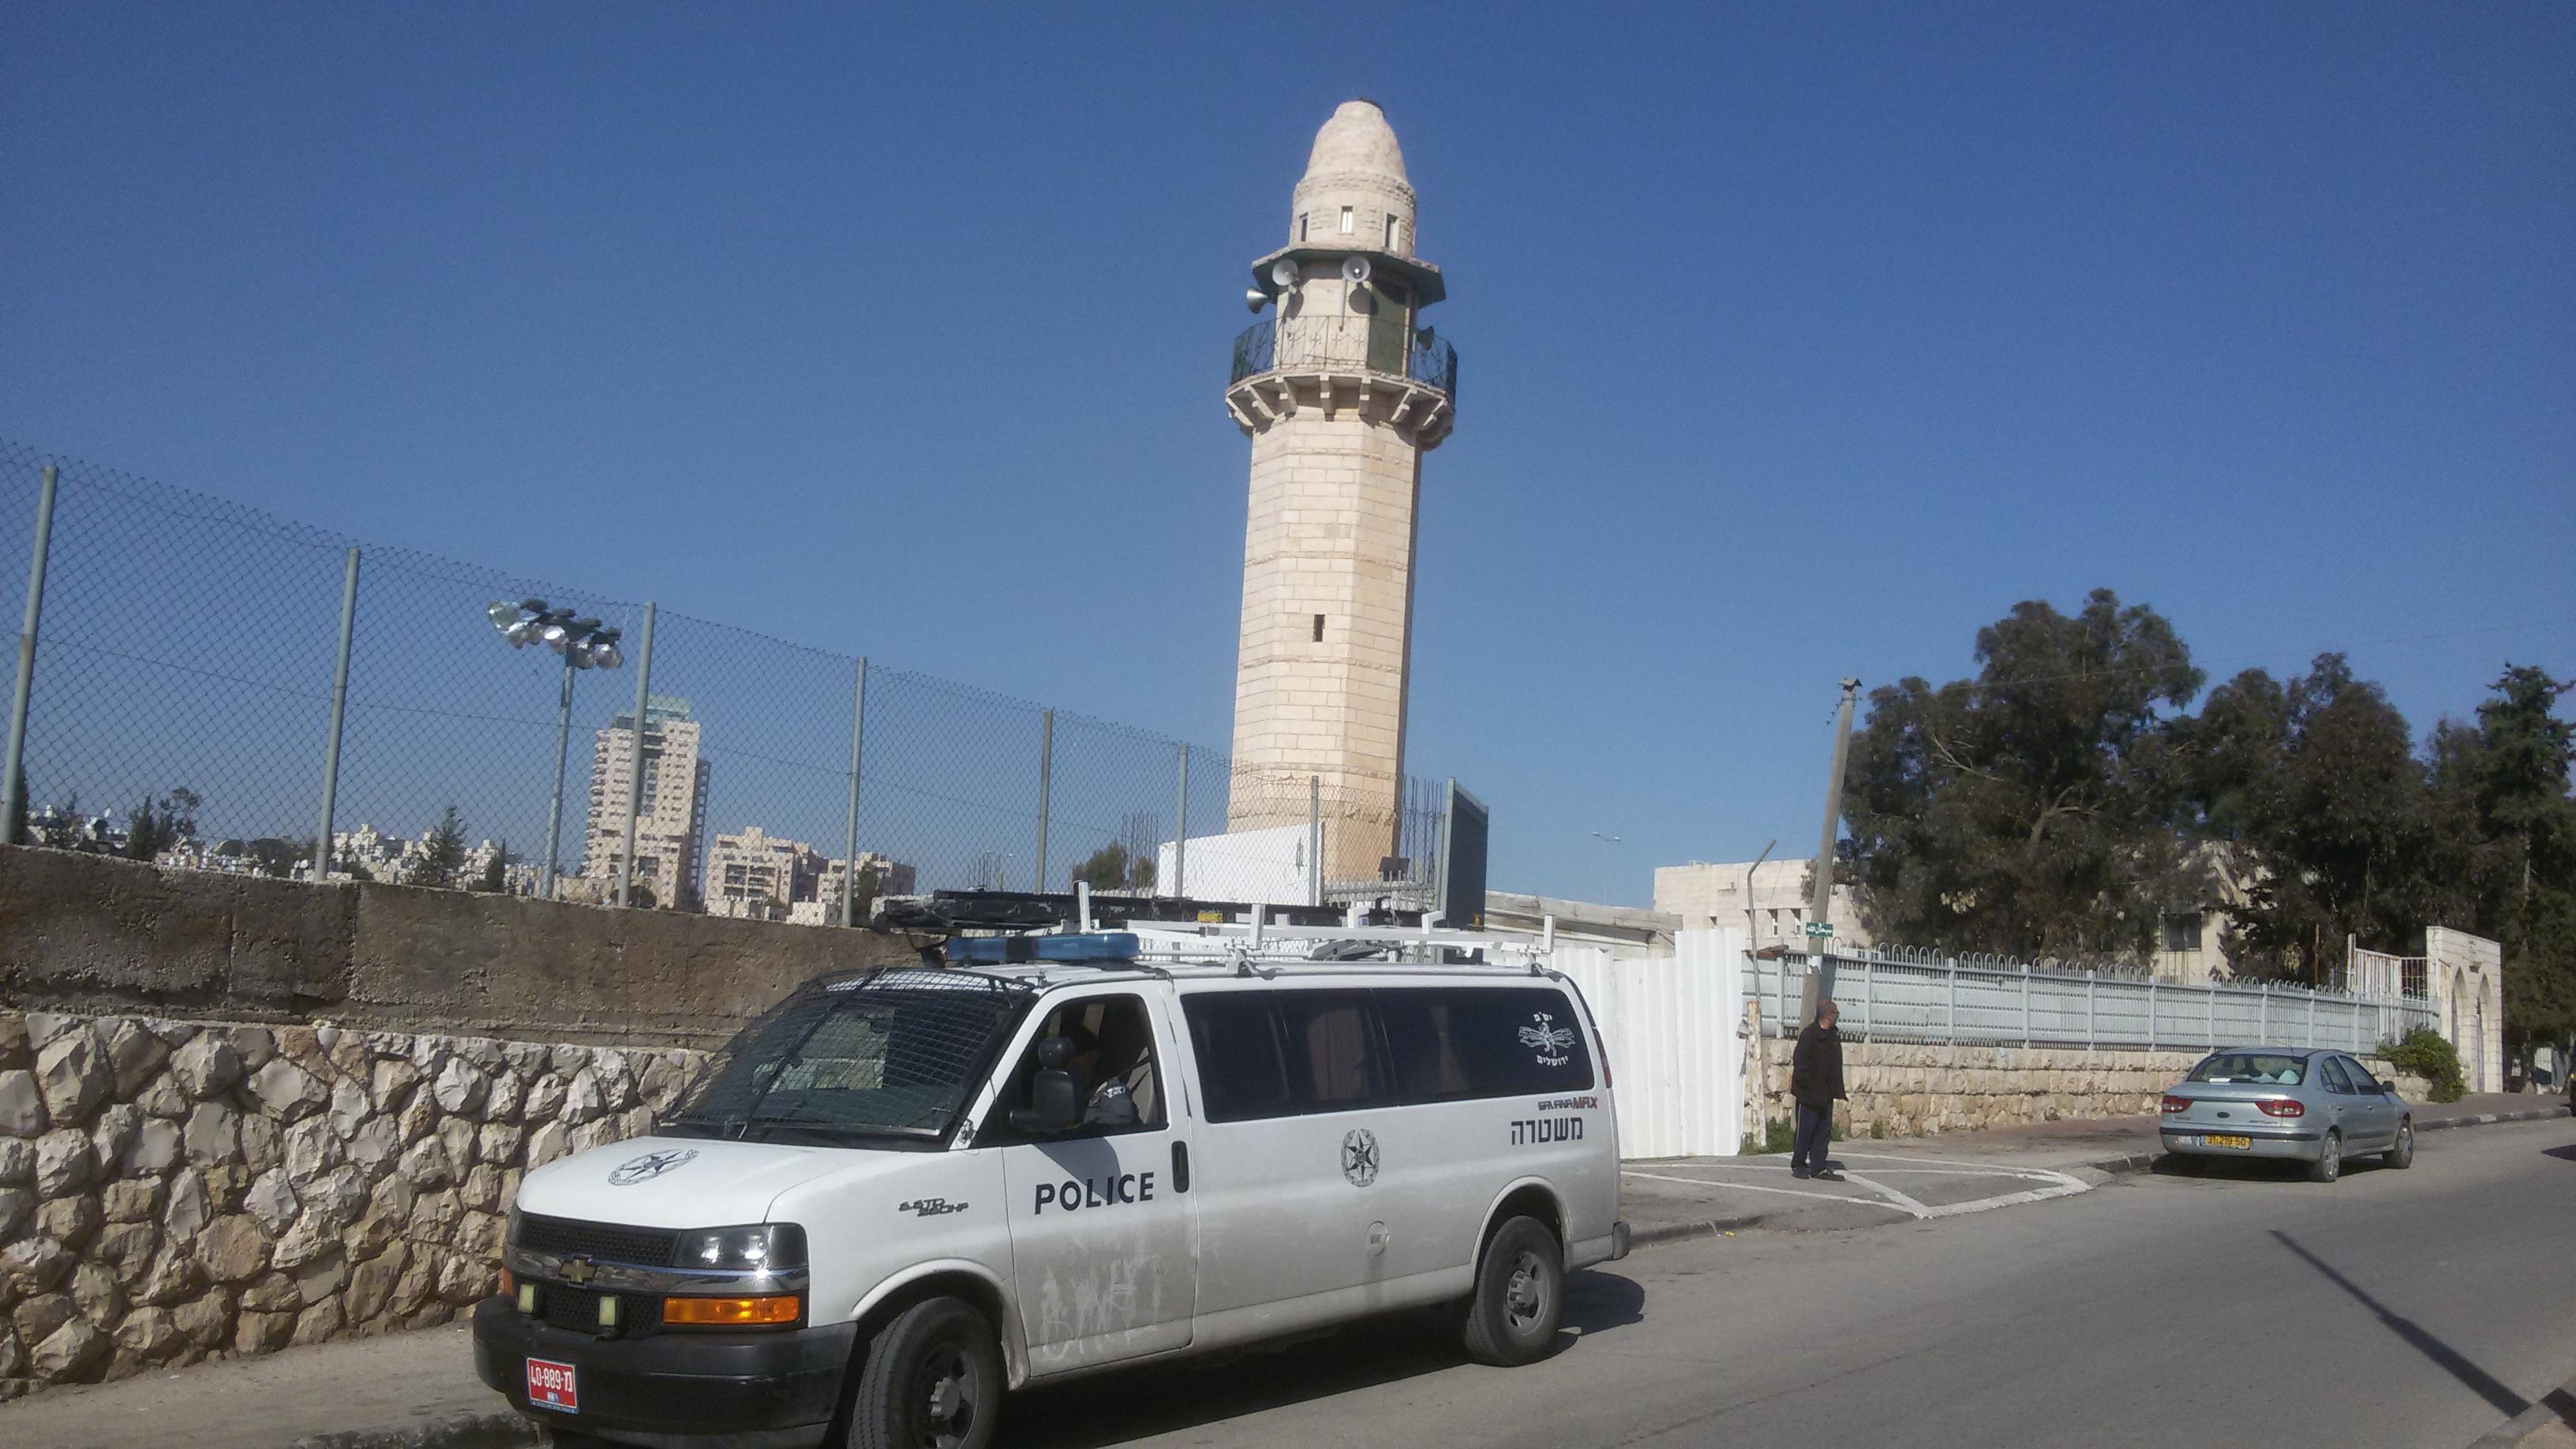 כוחות משטרה בשכונה ערבית בדרום ירושלים. ארכיון אהוד אמיתון TPS